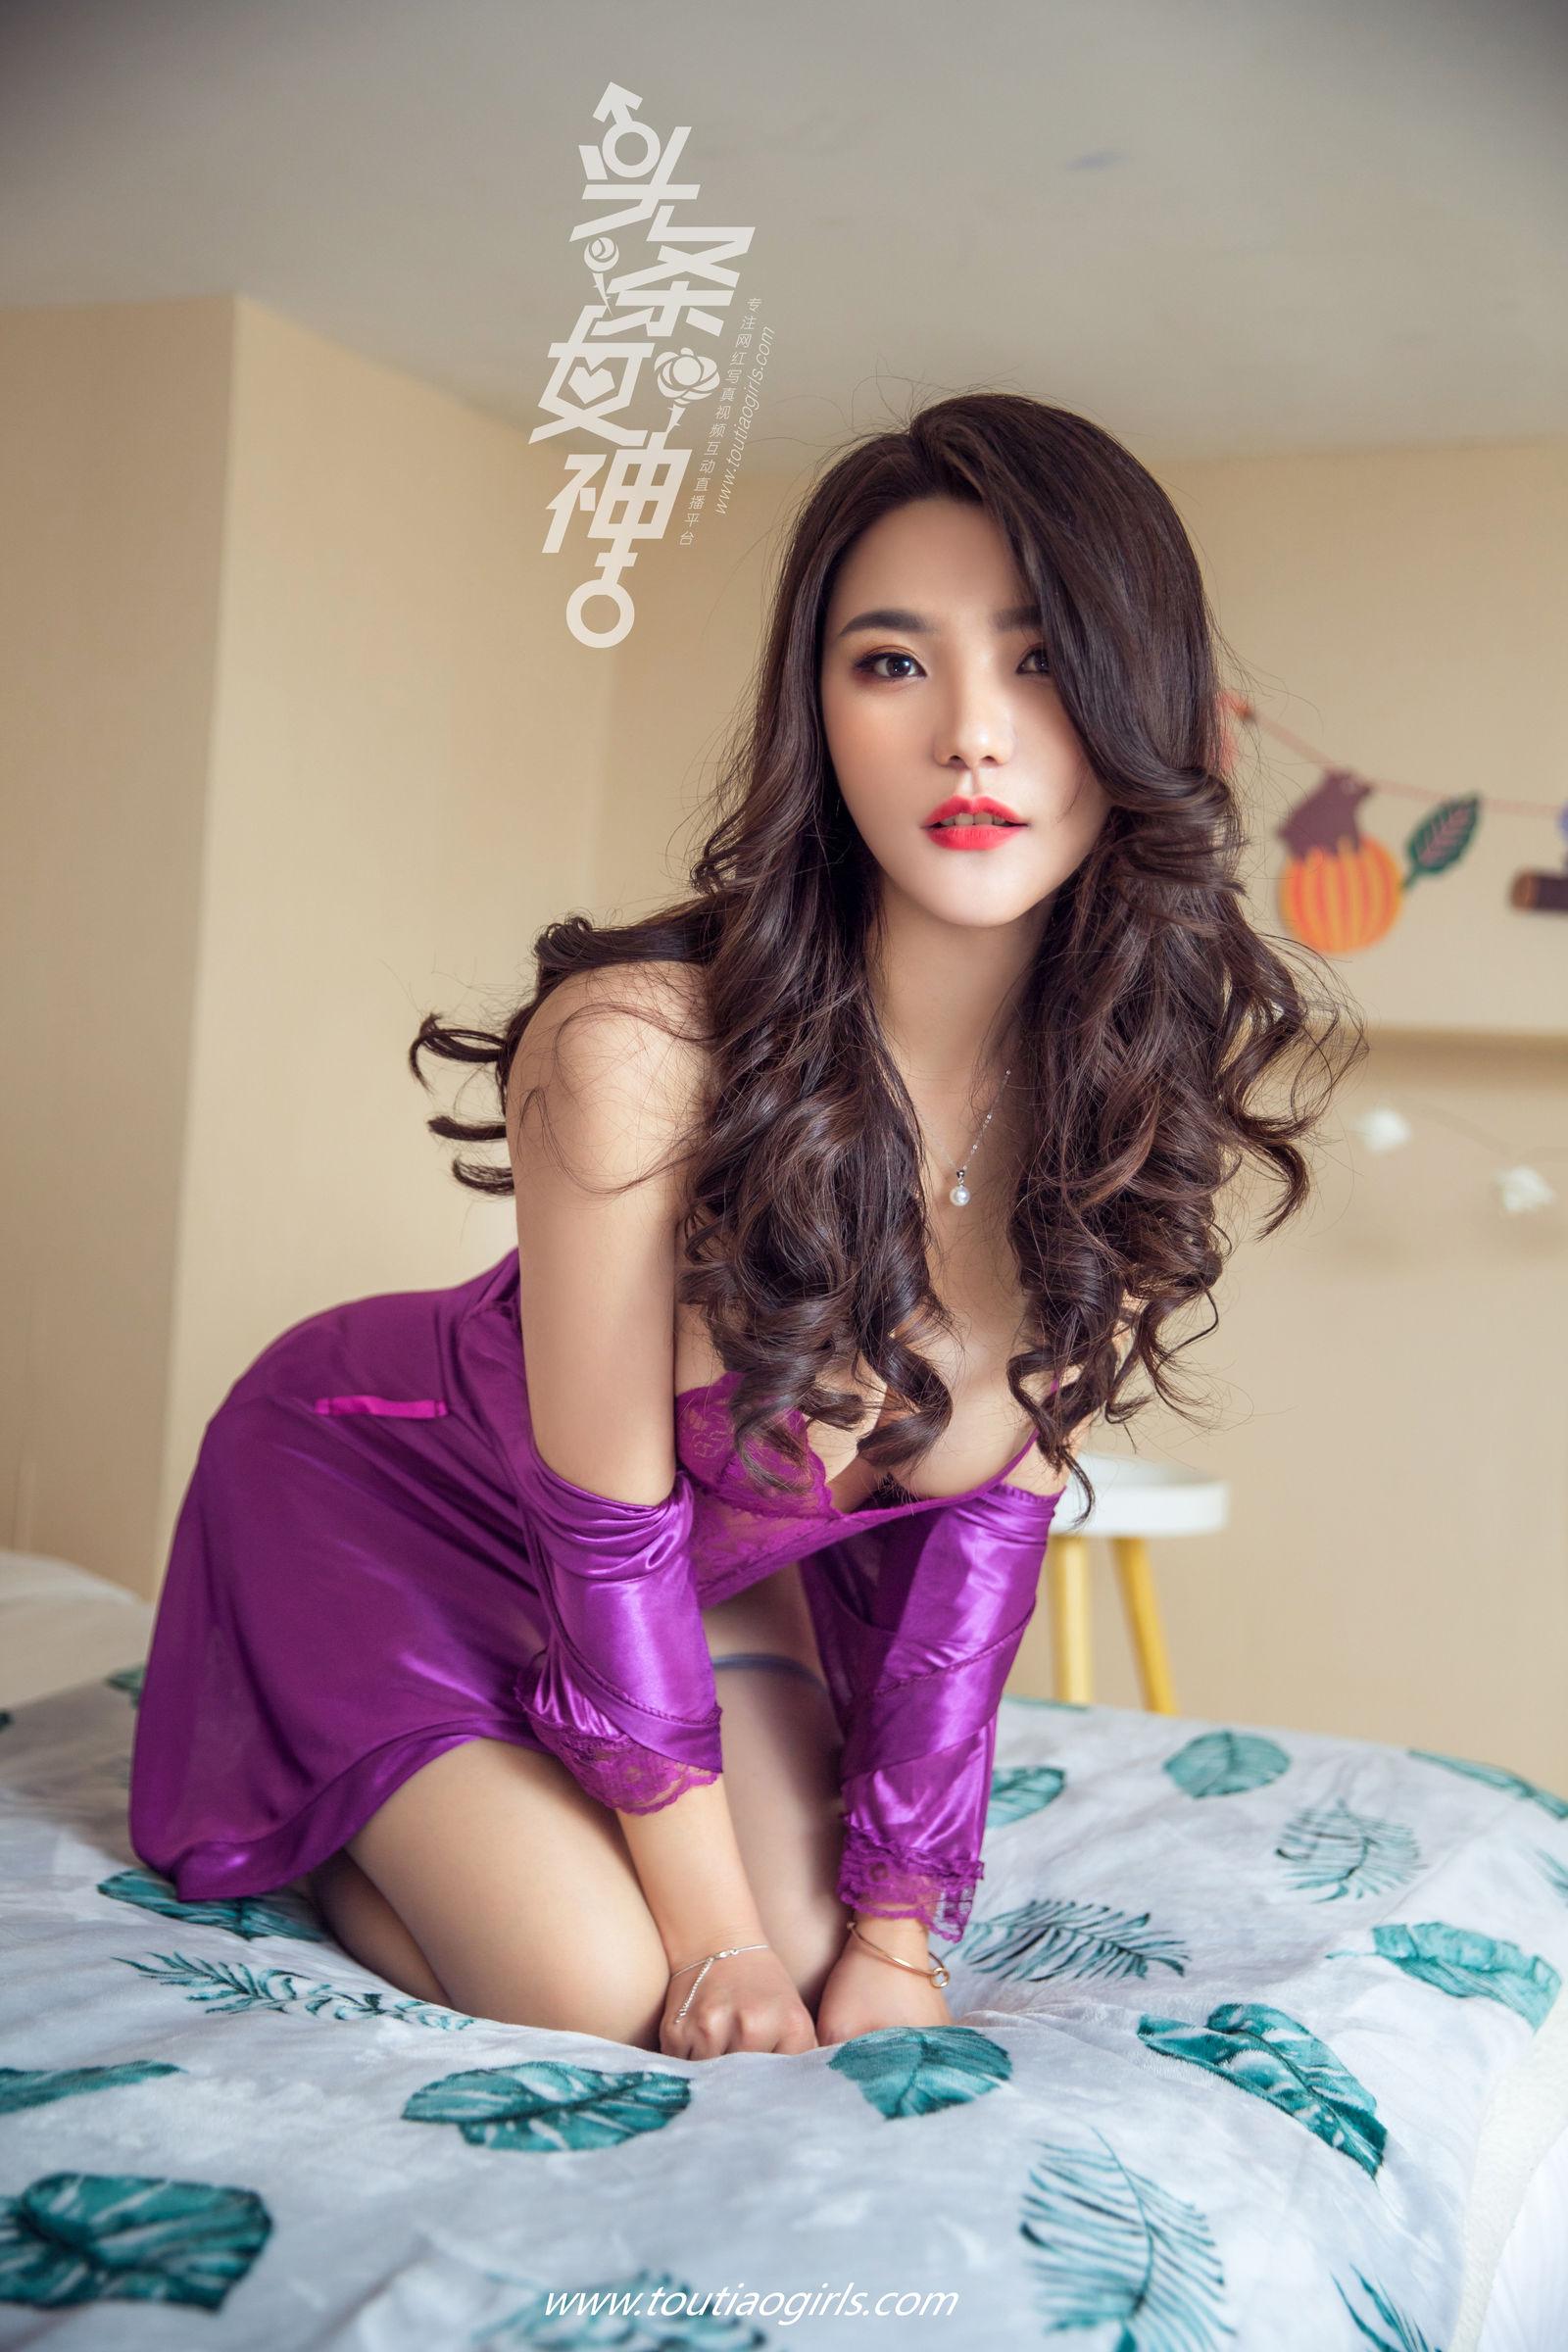 唐嫣 - 蜜汁熟女2 写真套图